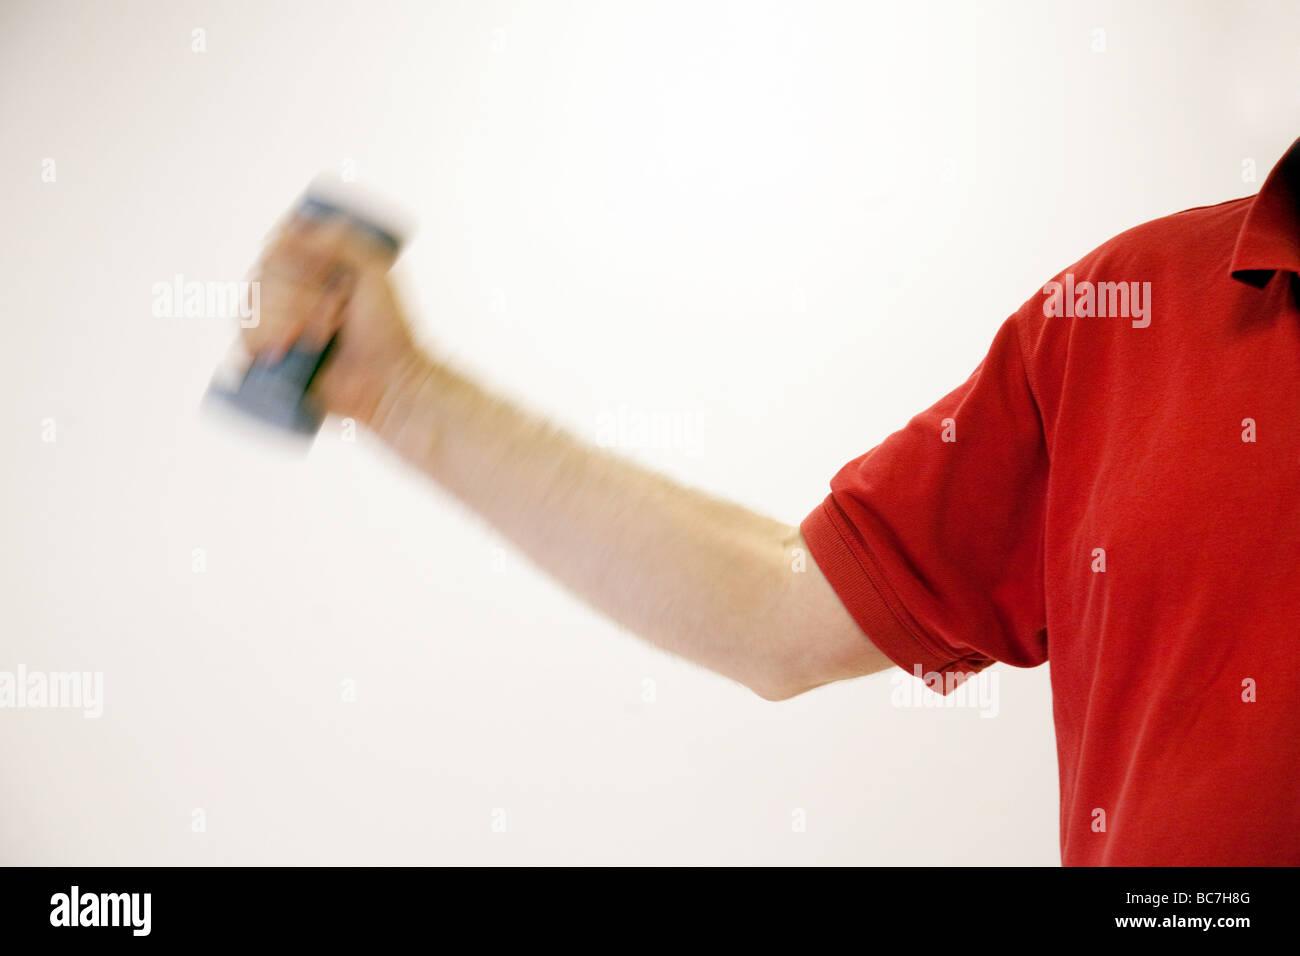 Il braccio di un uomo di mezza età sollevamento pesi Immagini Stock